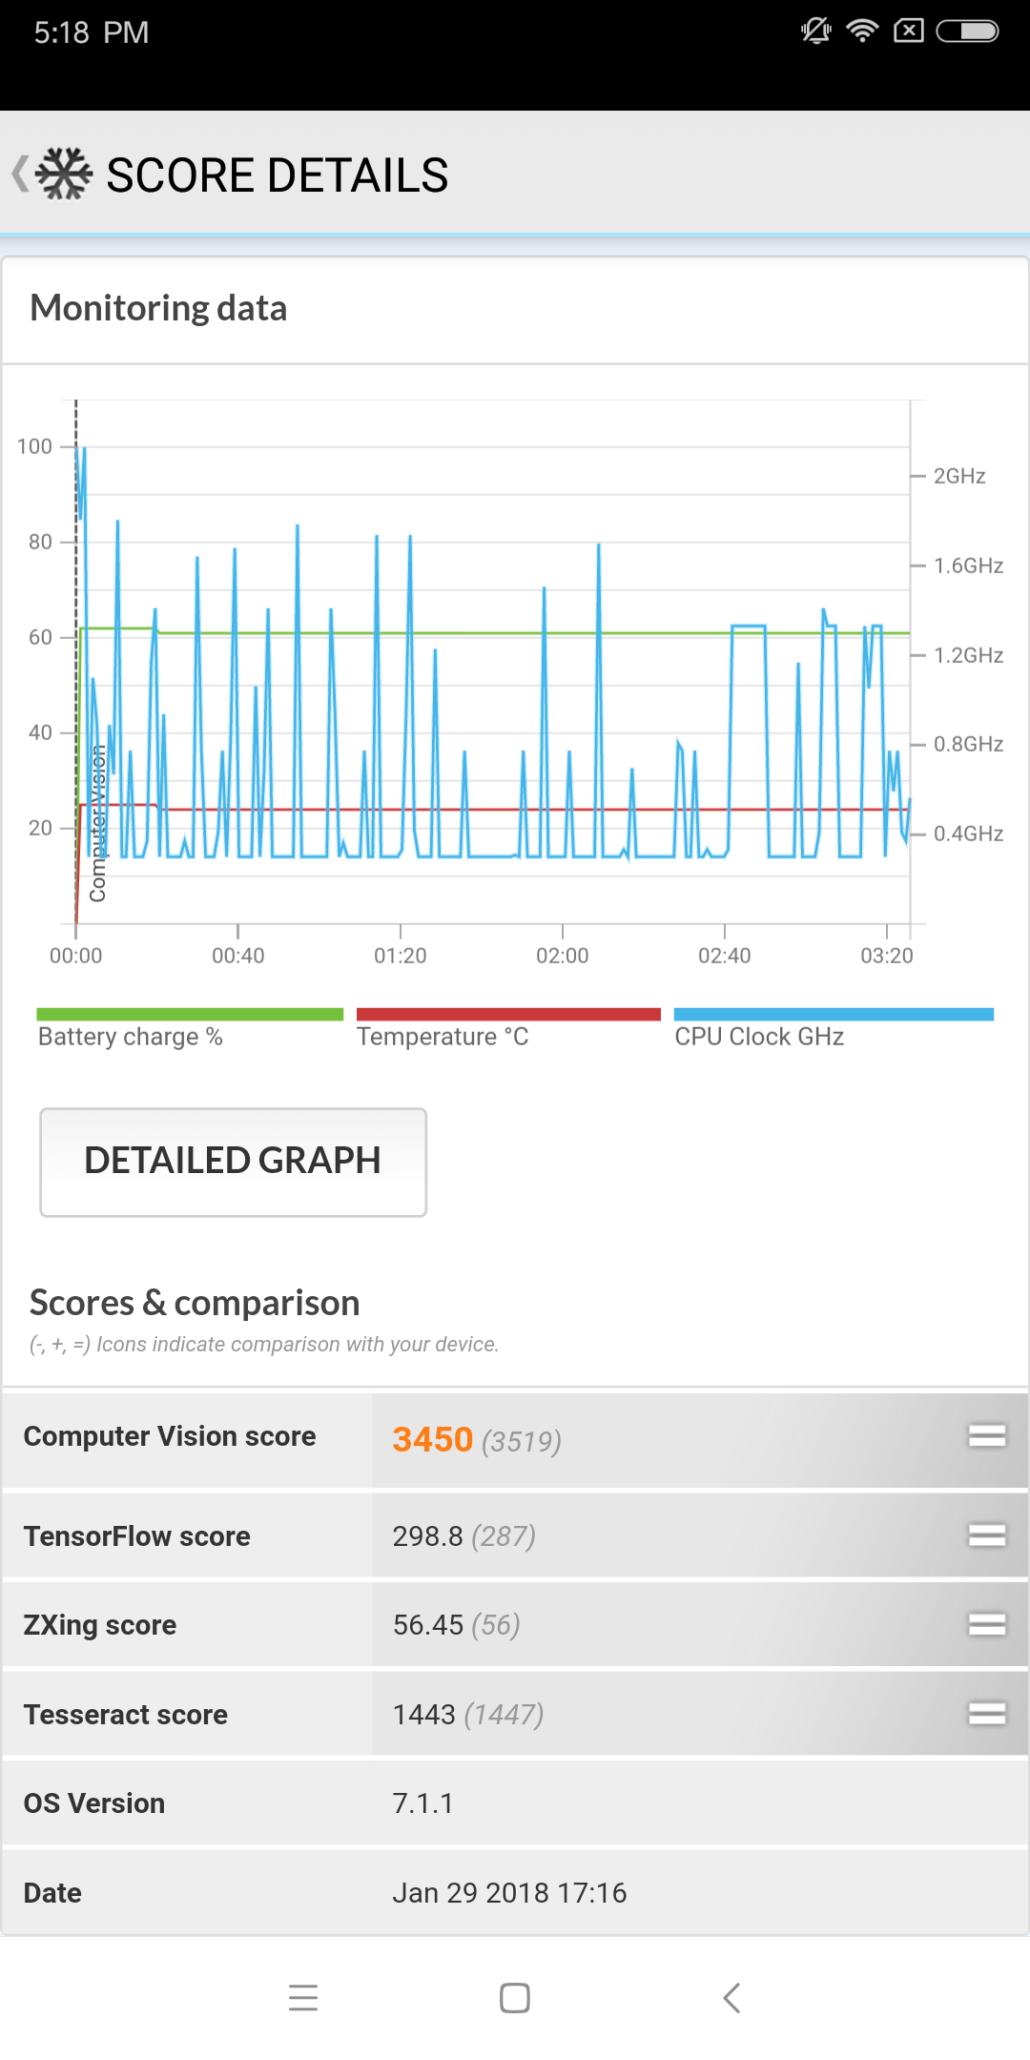 pc-mark-computer-vision-score-details